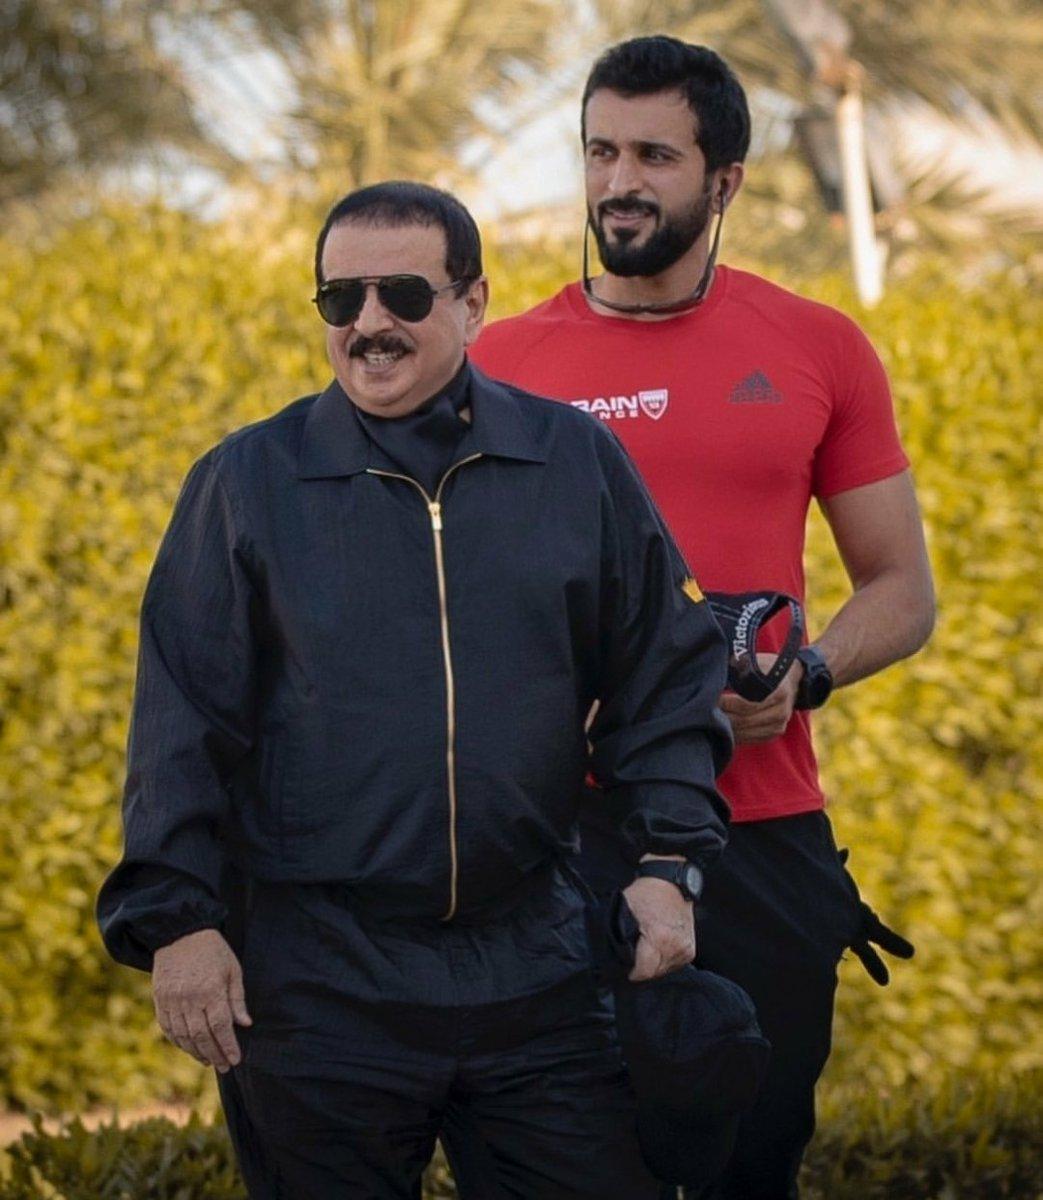 من هو صاحب فكرة #فينا_خير اليس هذا الرجل العبقري #ناصر_بن_حمد من استطاع ان يحقق الميداليات الذهبية في جميع المجالات؟ من استطاع ان يساهم في تحقيق كأس الخليج لاول مرة في تاريخ البحرين اليس وقفة هذا البطل الملهم، من ذهب للحرب مع التحالف؟؟ #ناصر_بن_حمد_وزيرا_للدفاع #حكومة_ولي_العهد. https://t.co/bTzBBOeV0d